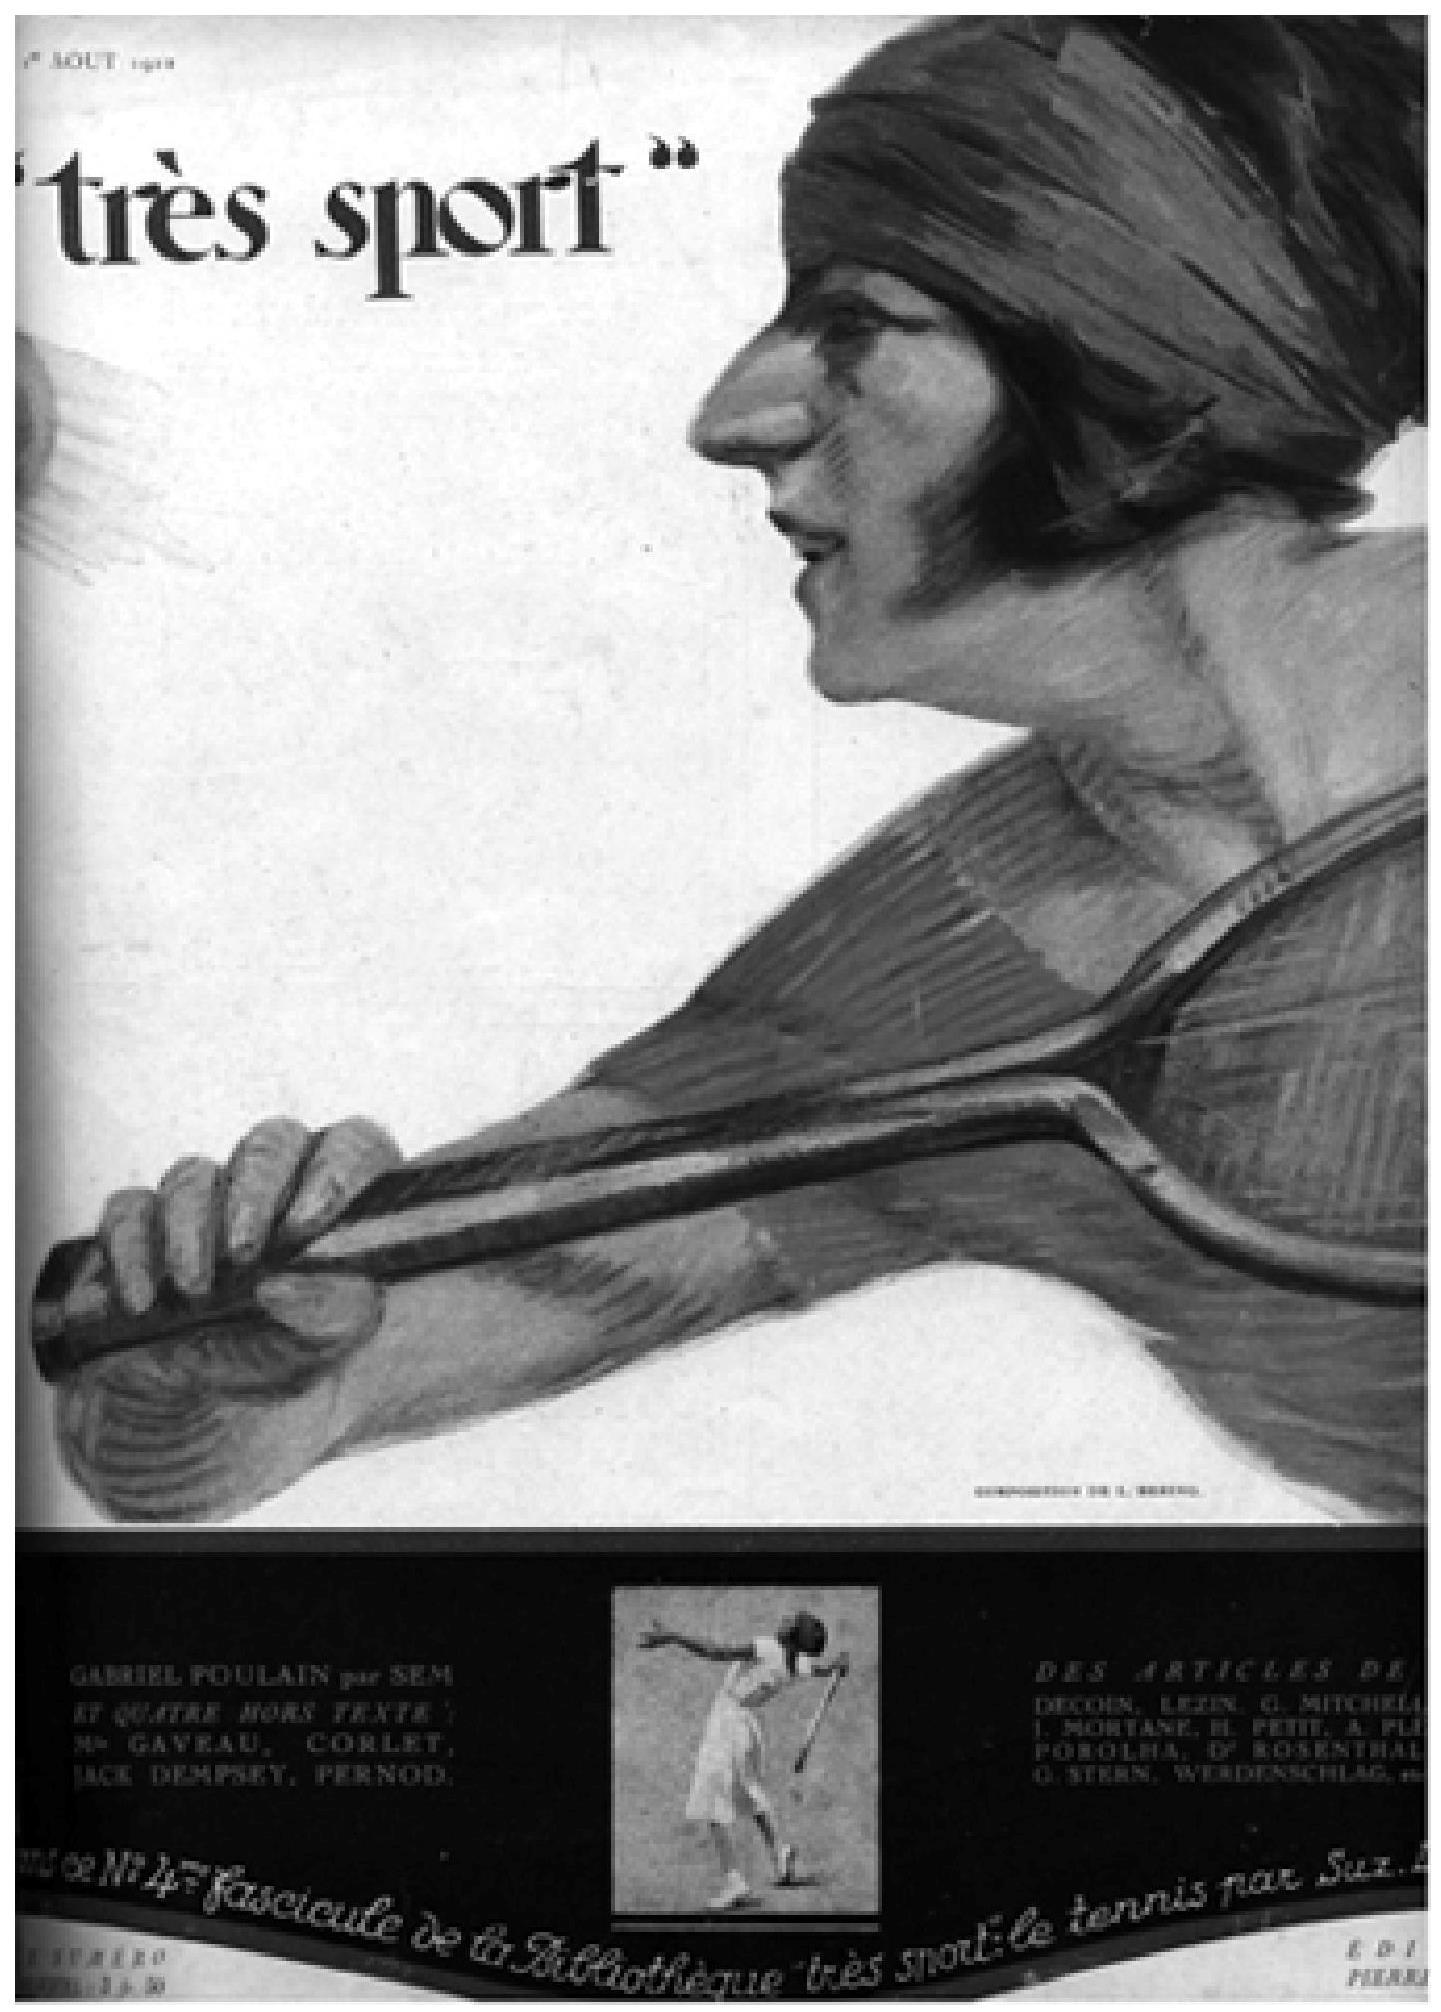 L année 1925 Suzanne Lenglen une sportive Art déco Presses